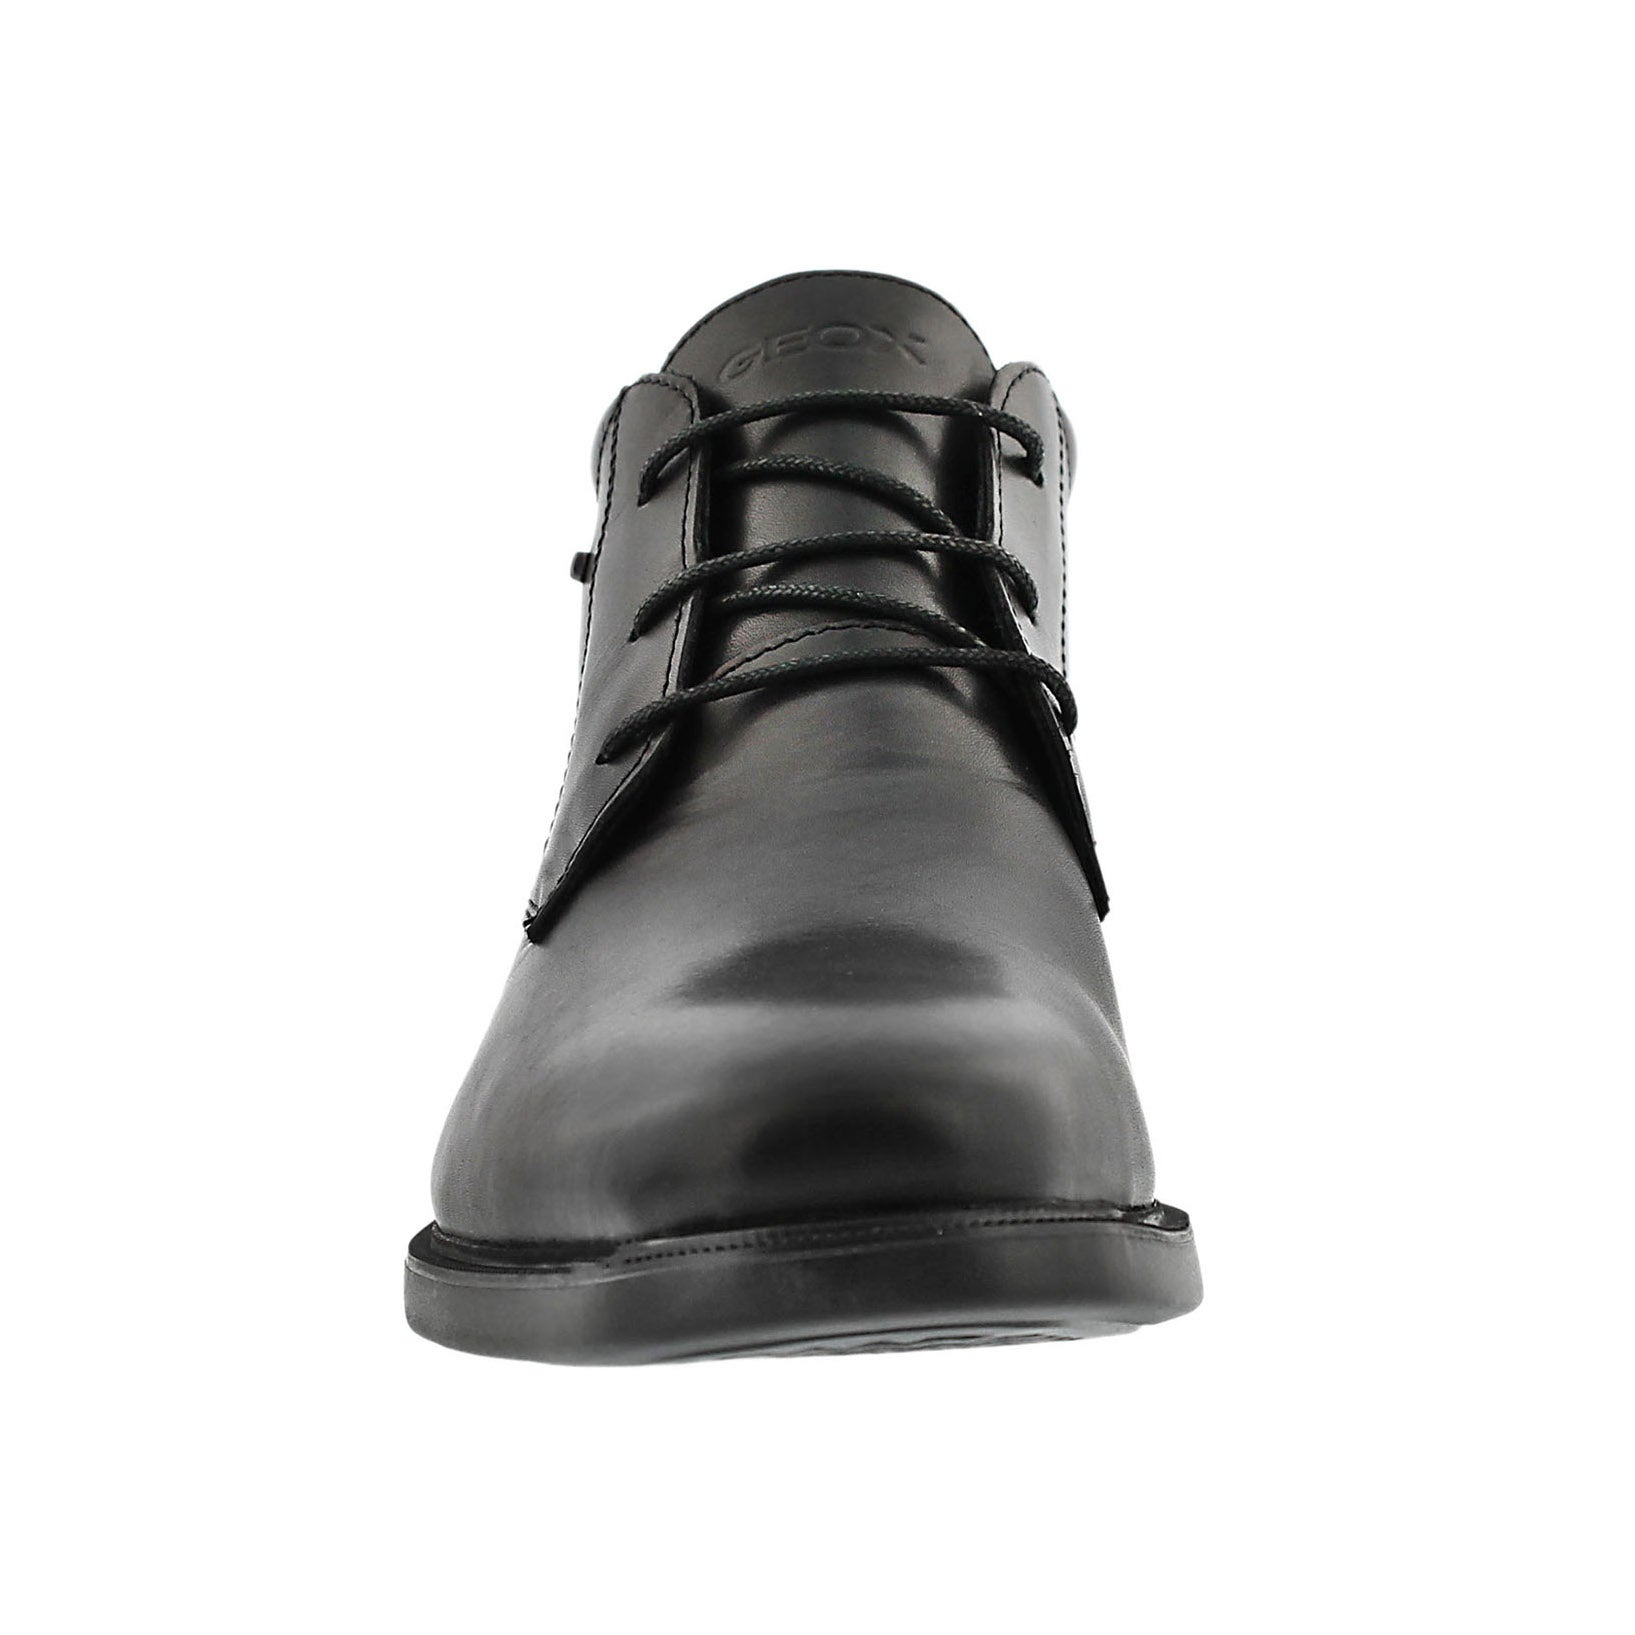 Mns Brayden 2Fit ABX black chukka boot